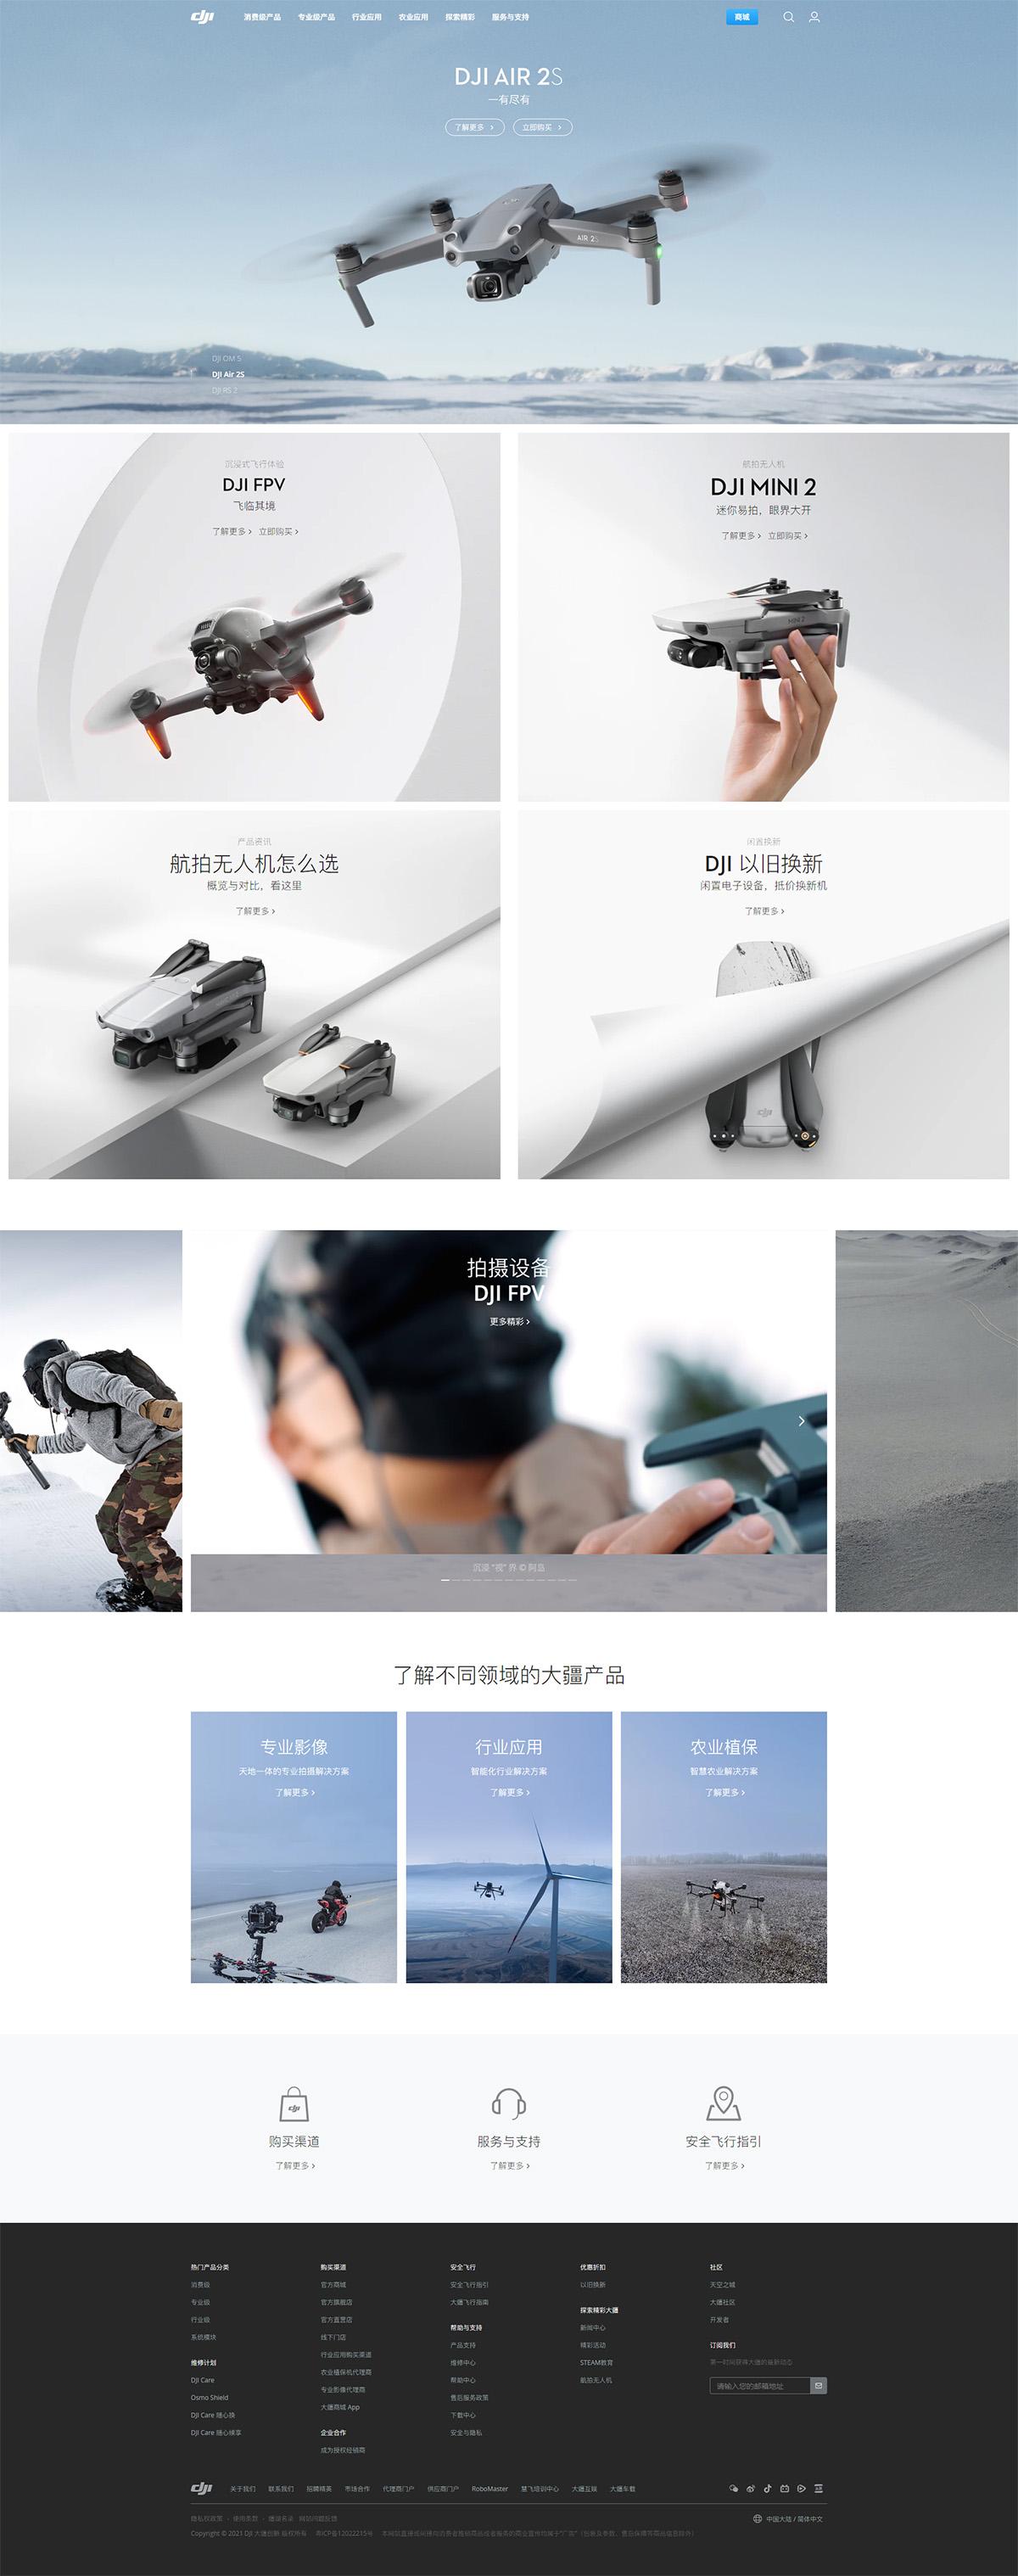 大疆创新网站案例